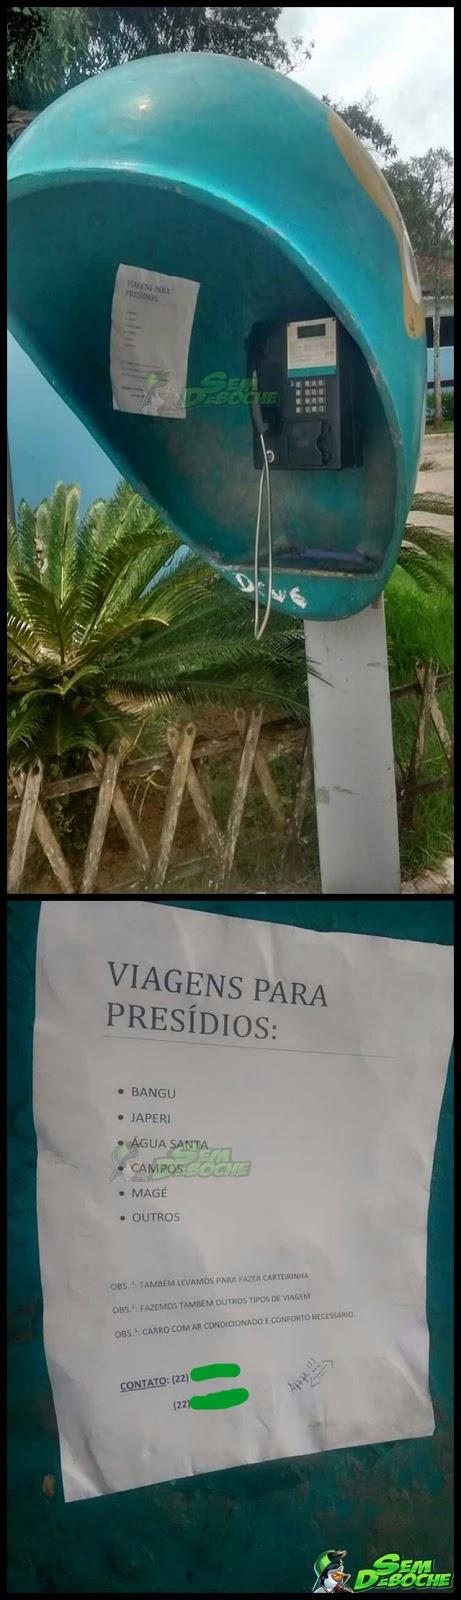 NOVO SERVIÇO OFERECIDO NA CIDADE